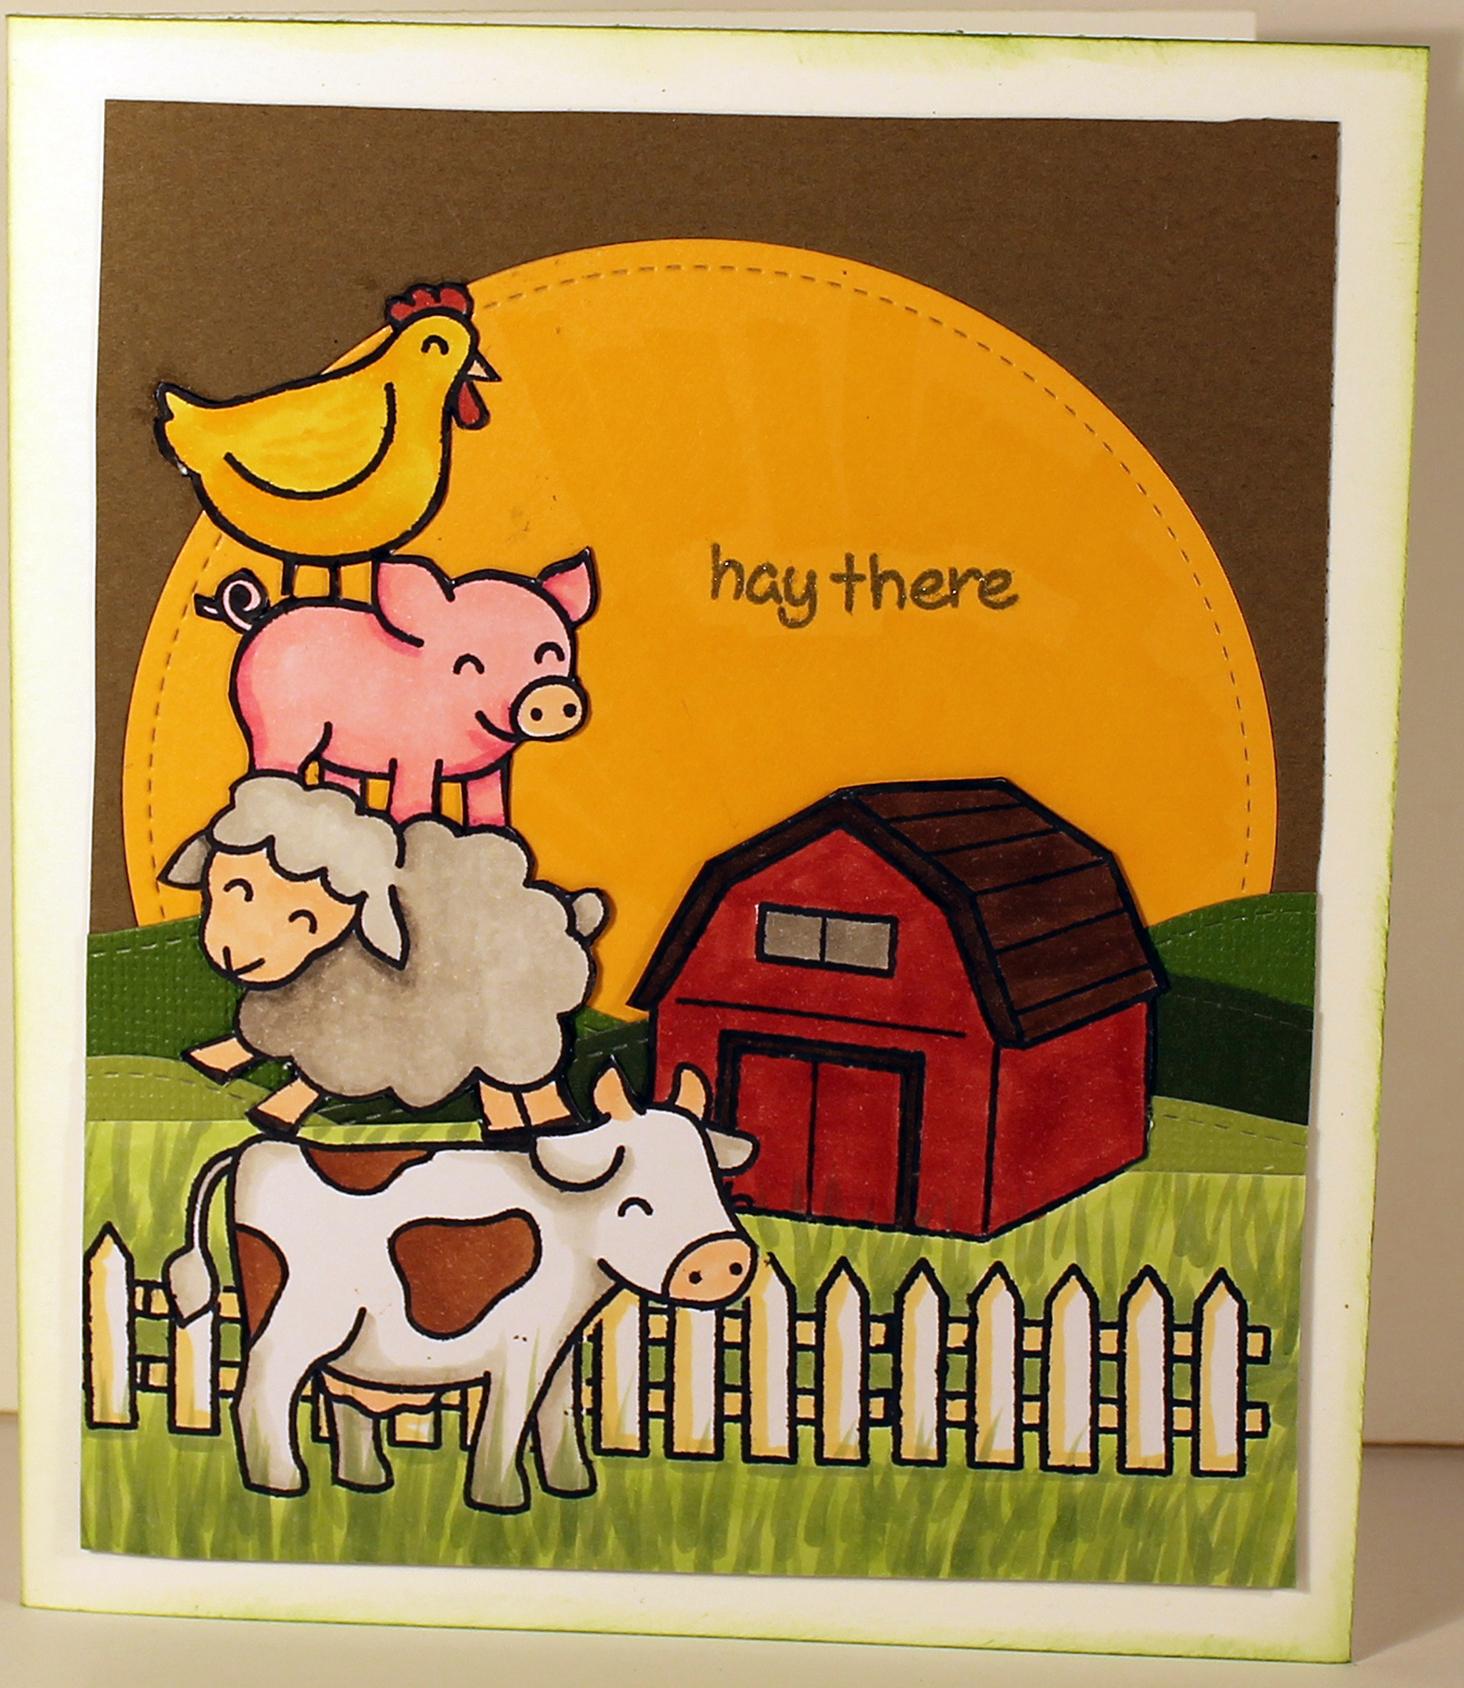 Hay Hay!